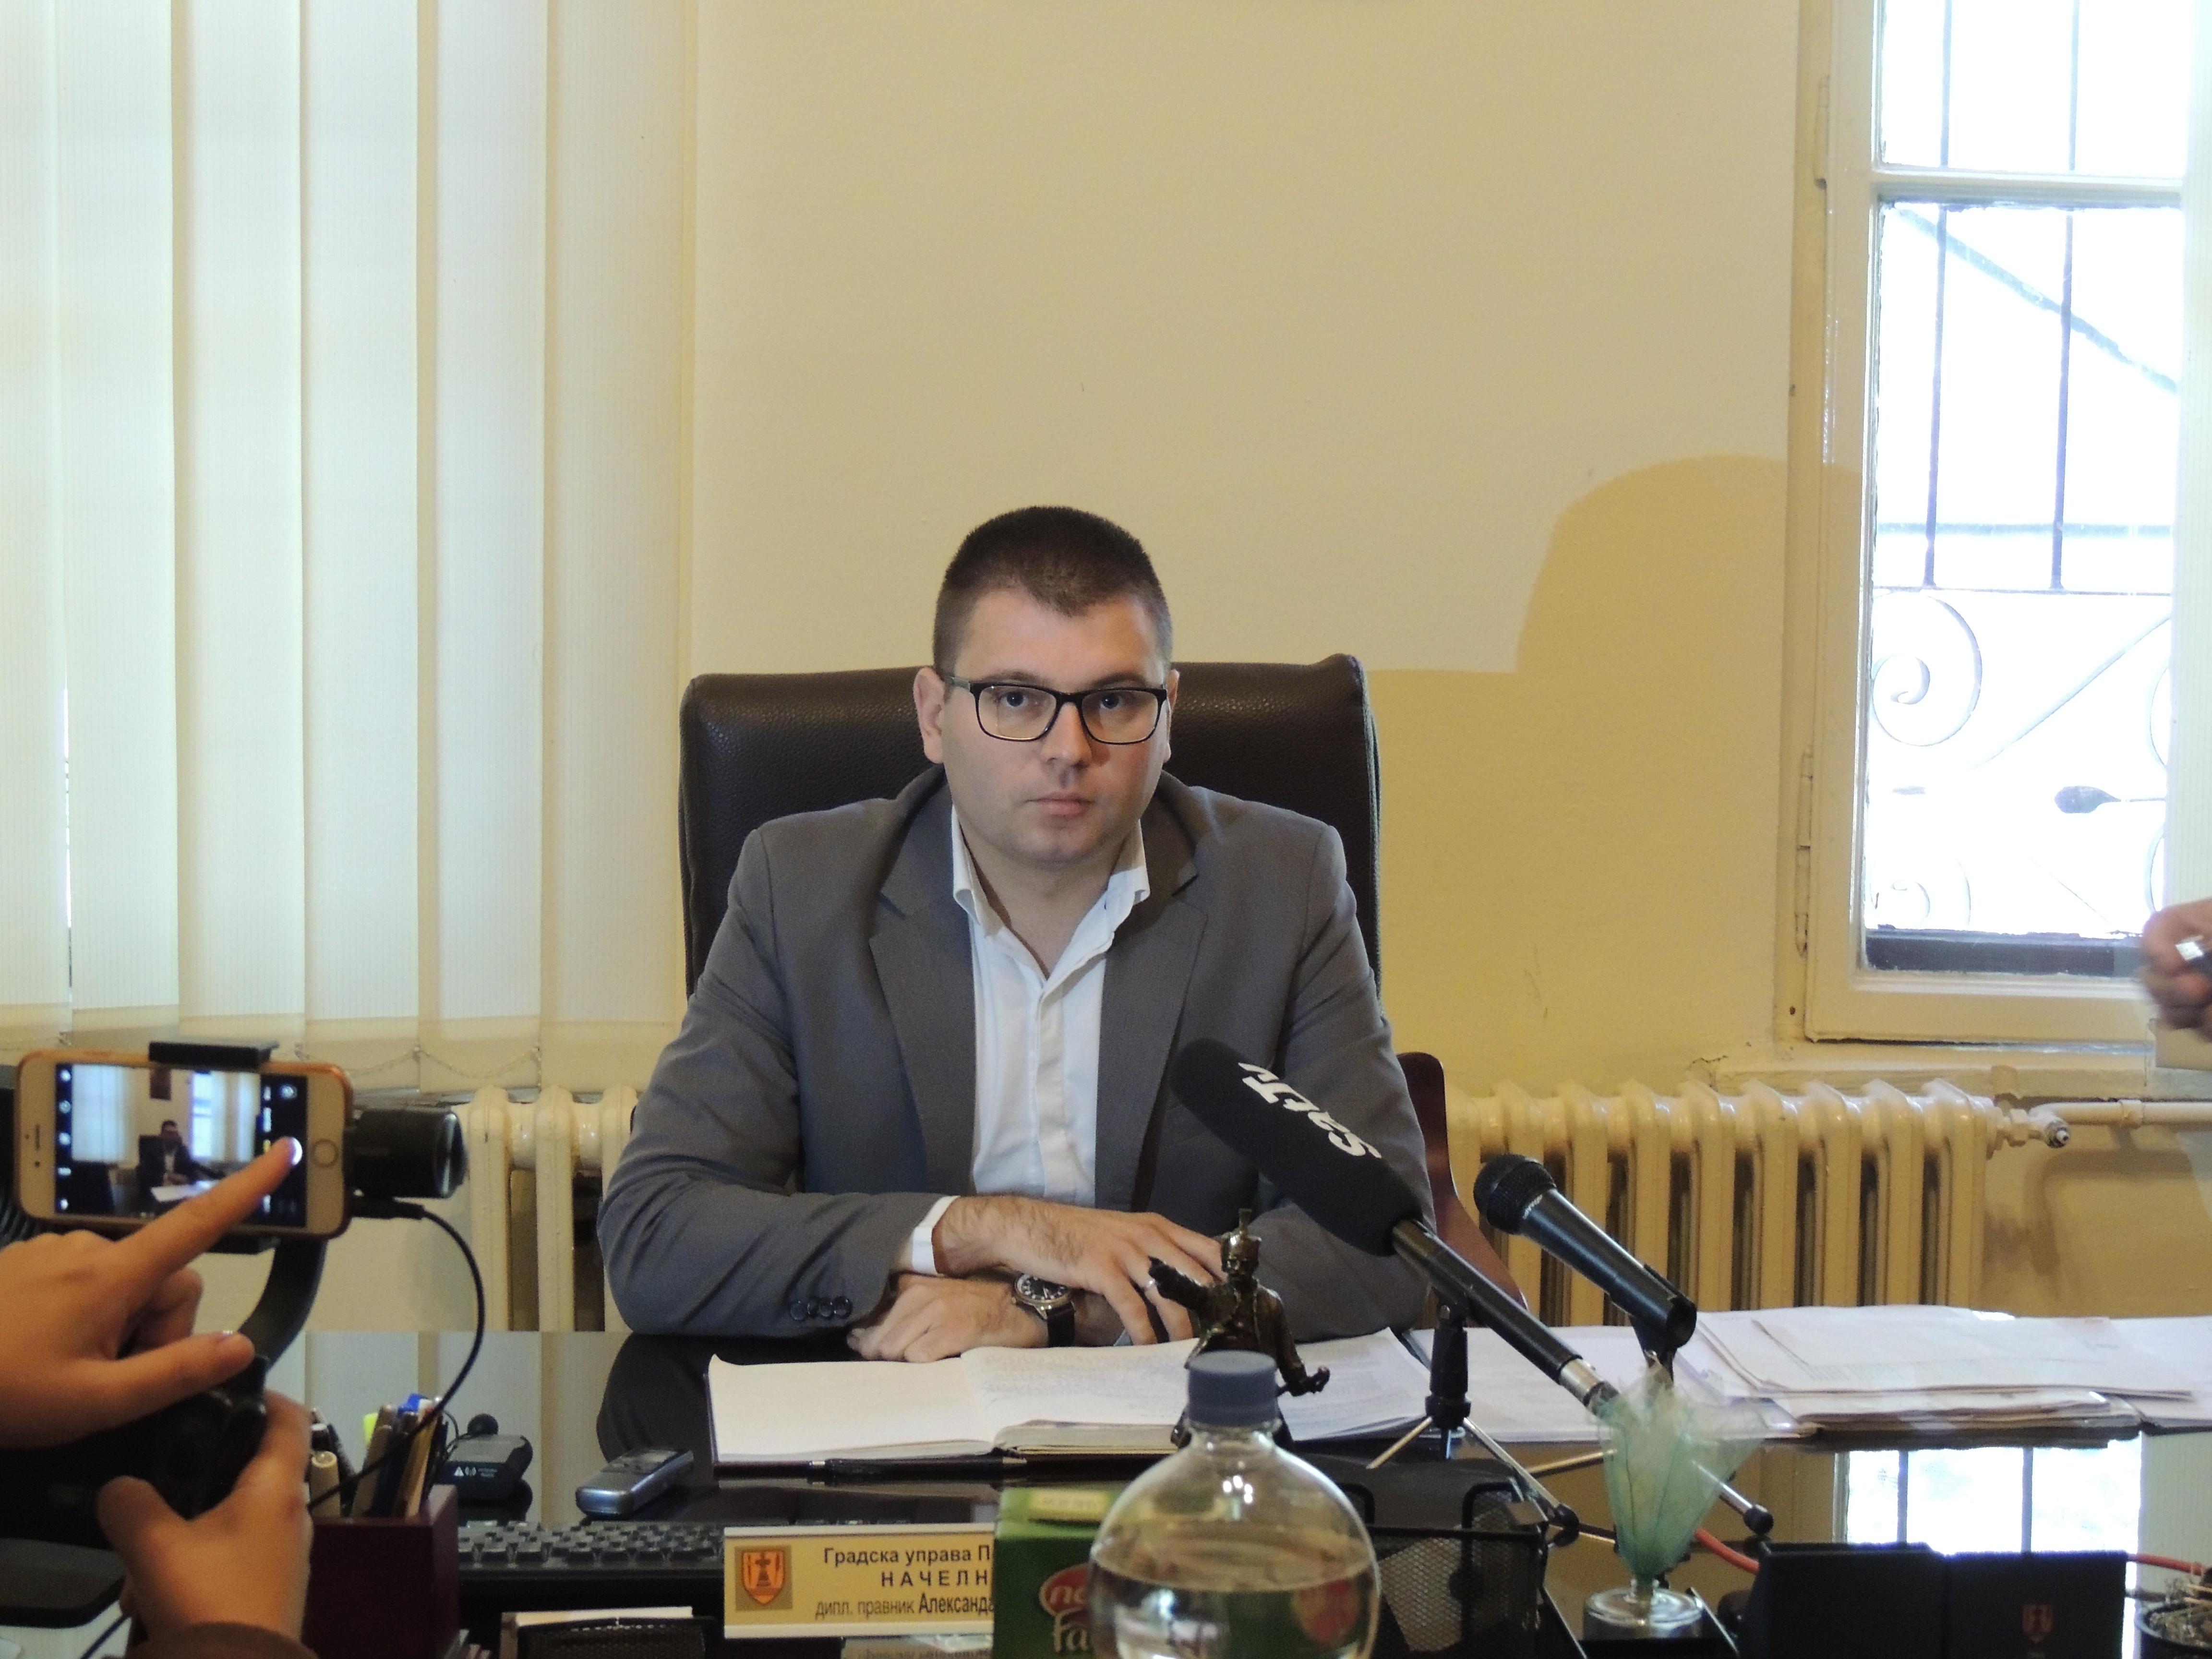 Održan prijem građana kod načelnika Gradske uprave 28159